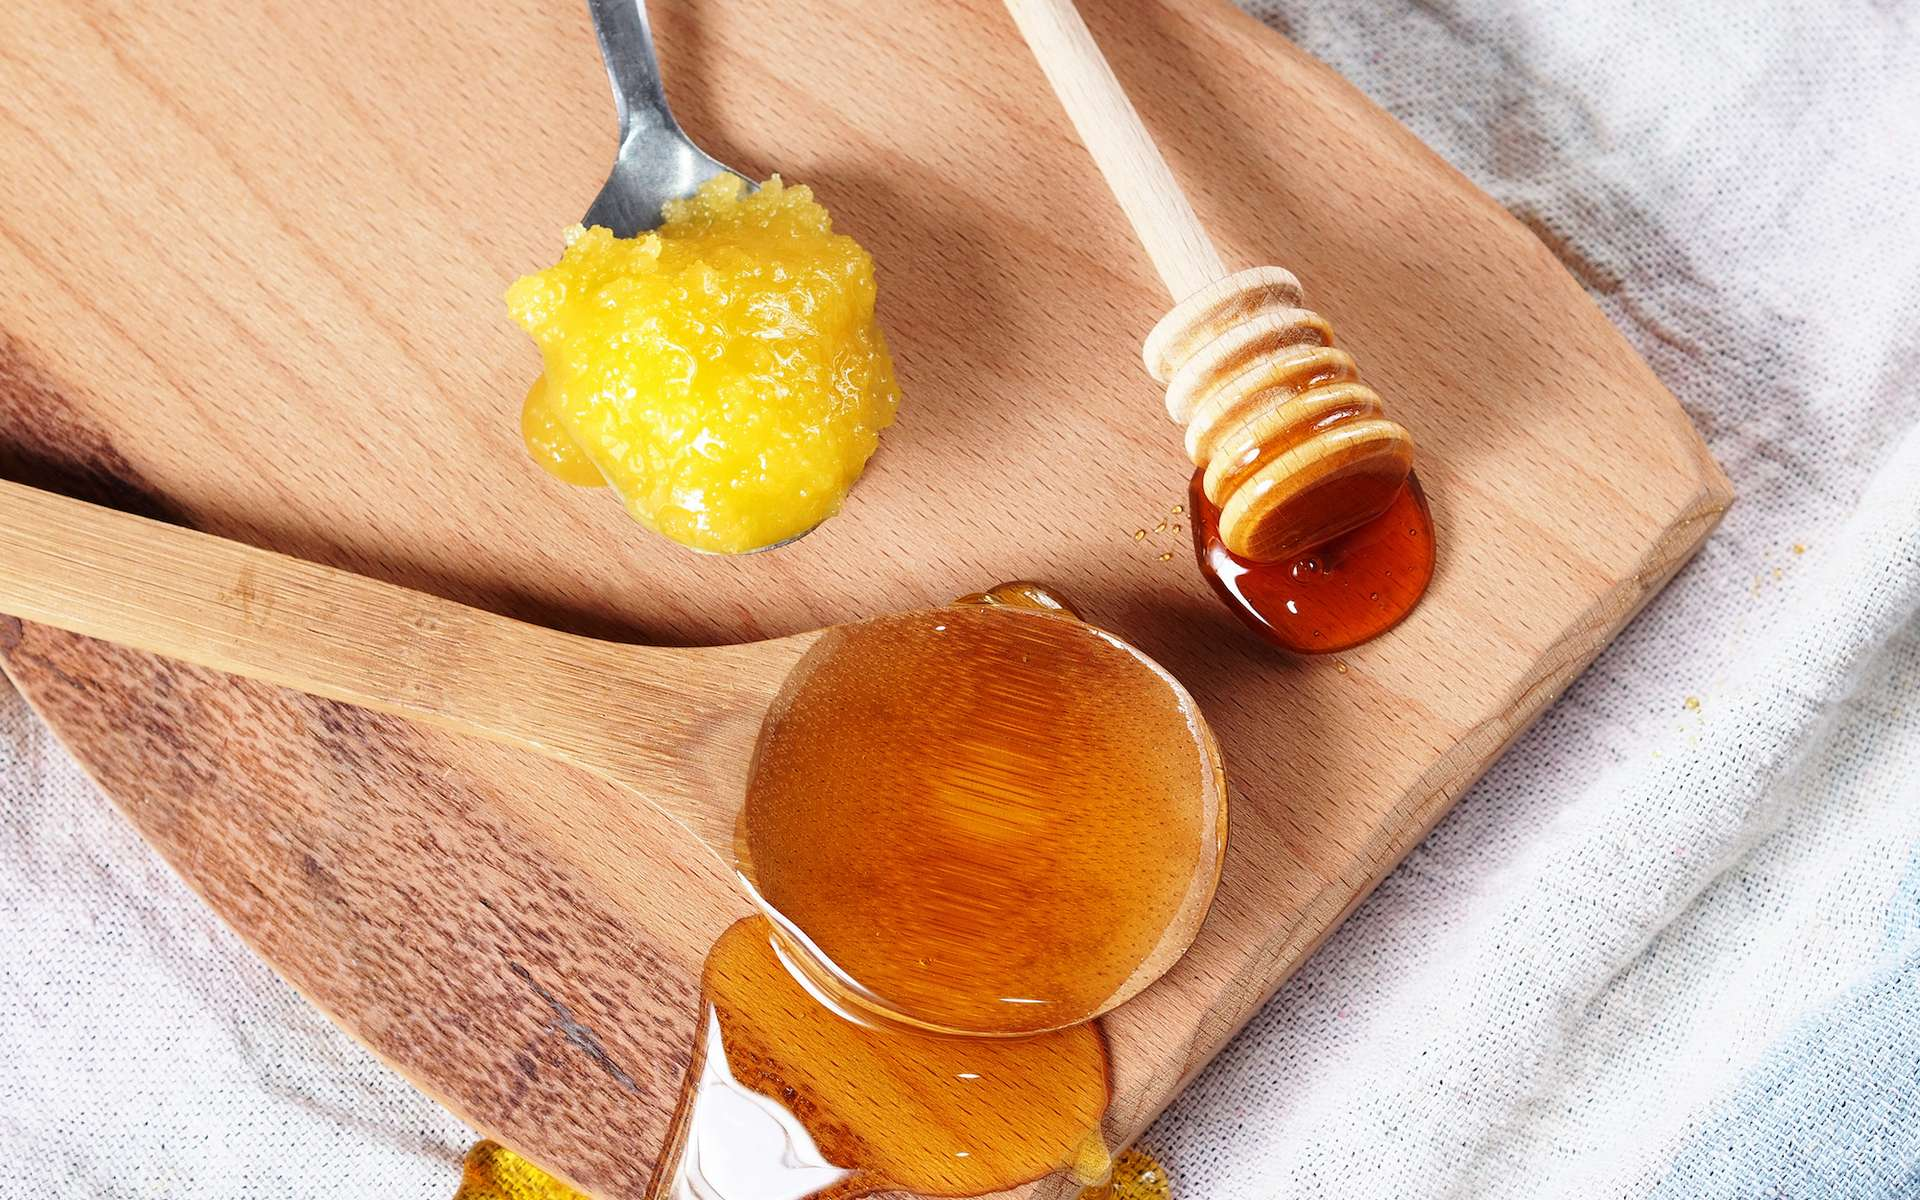 Pourquoi certains miels se cristallisent-ils et d'autres pas ? - Futura